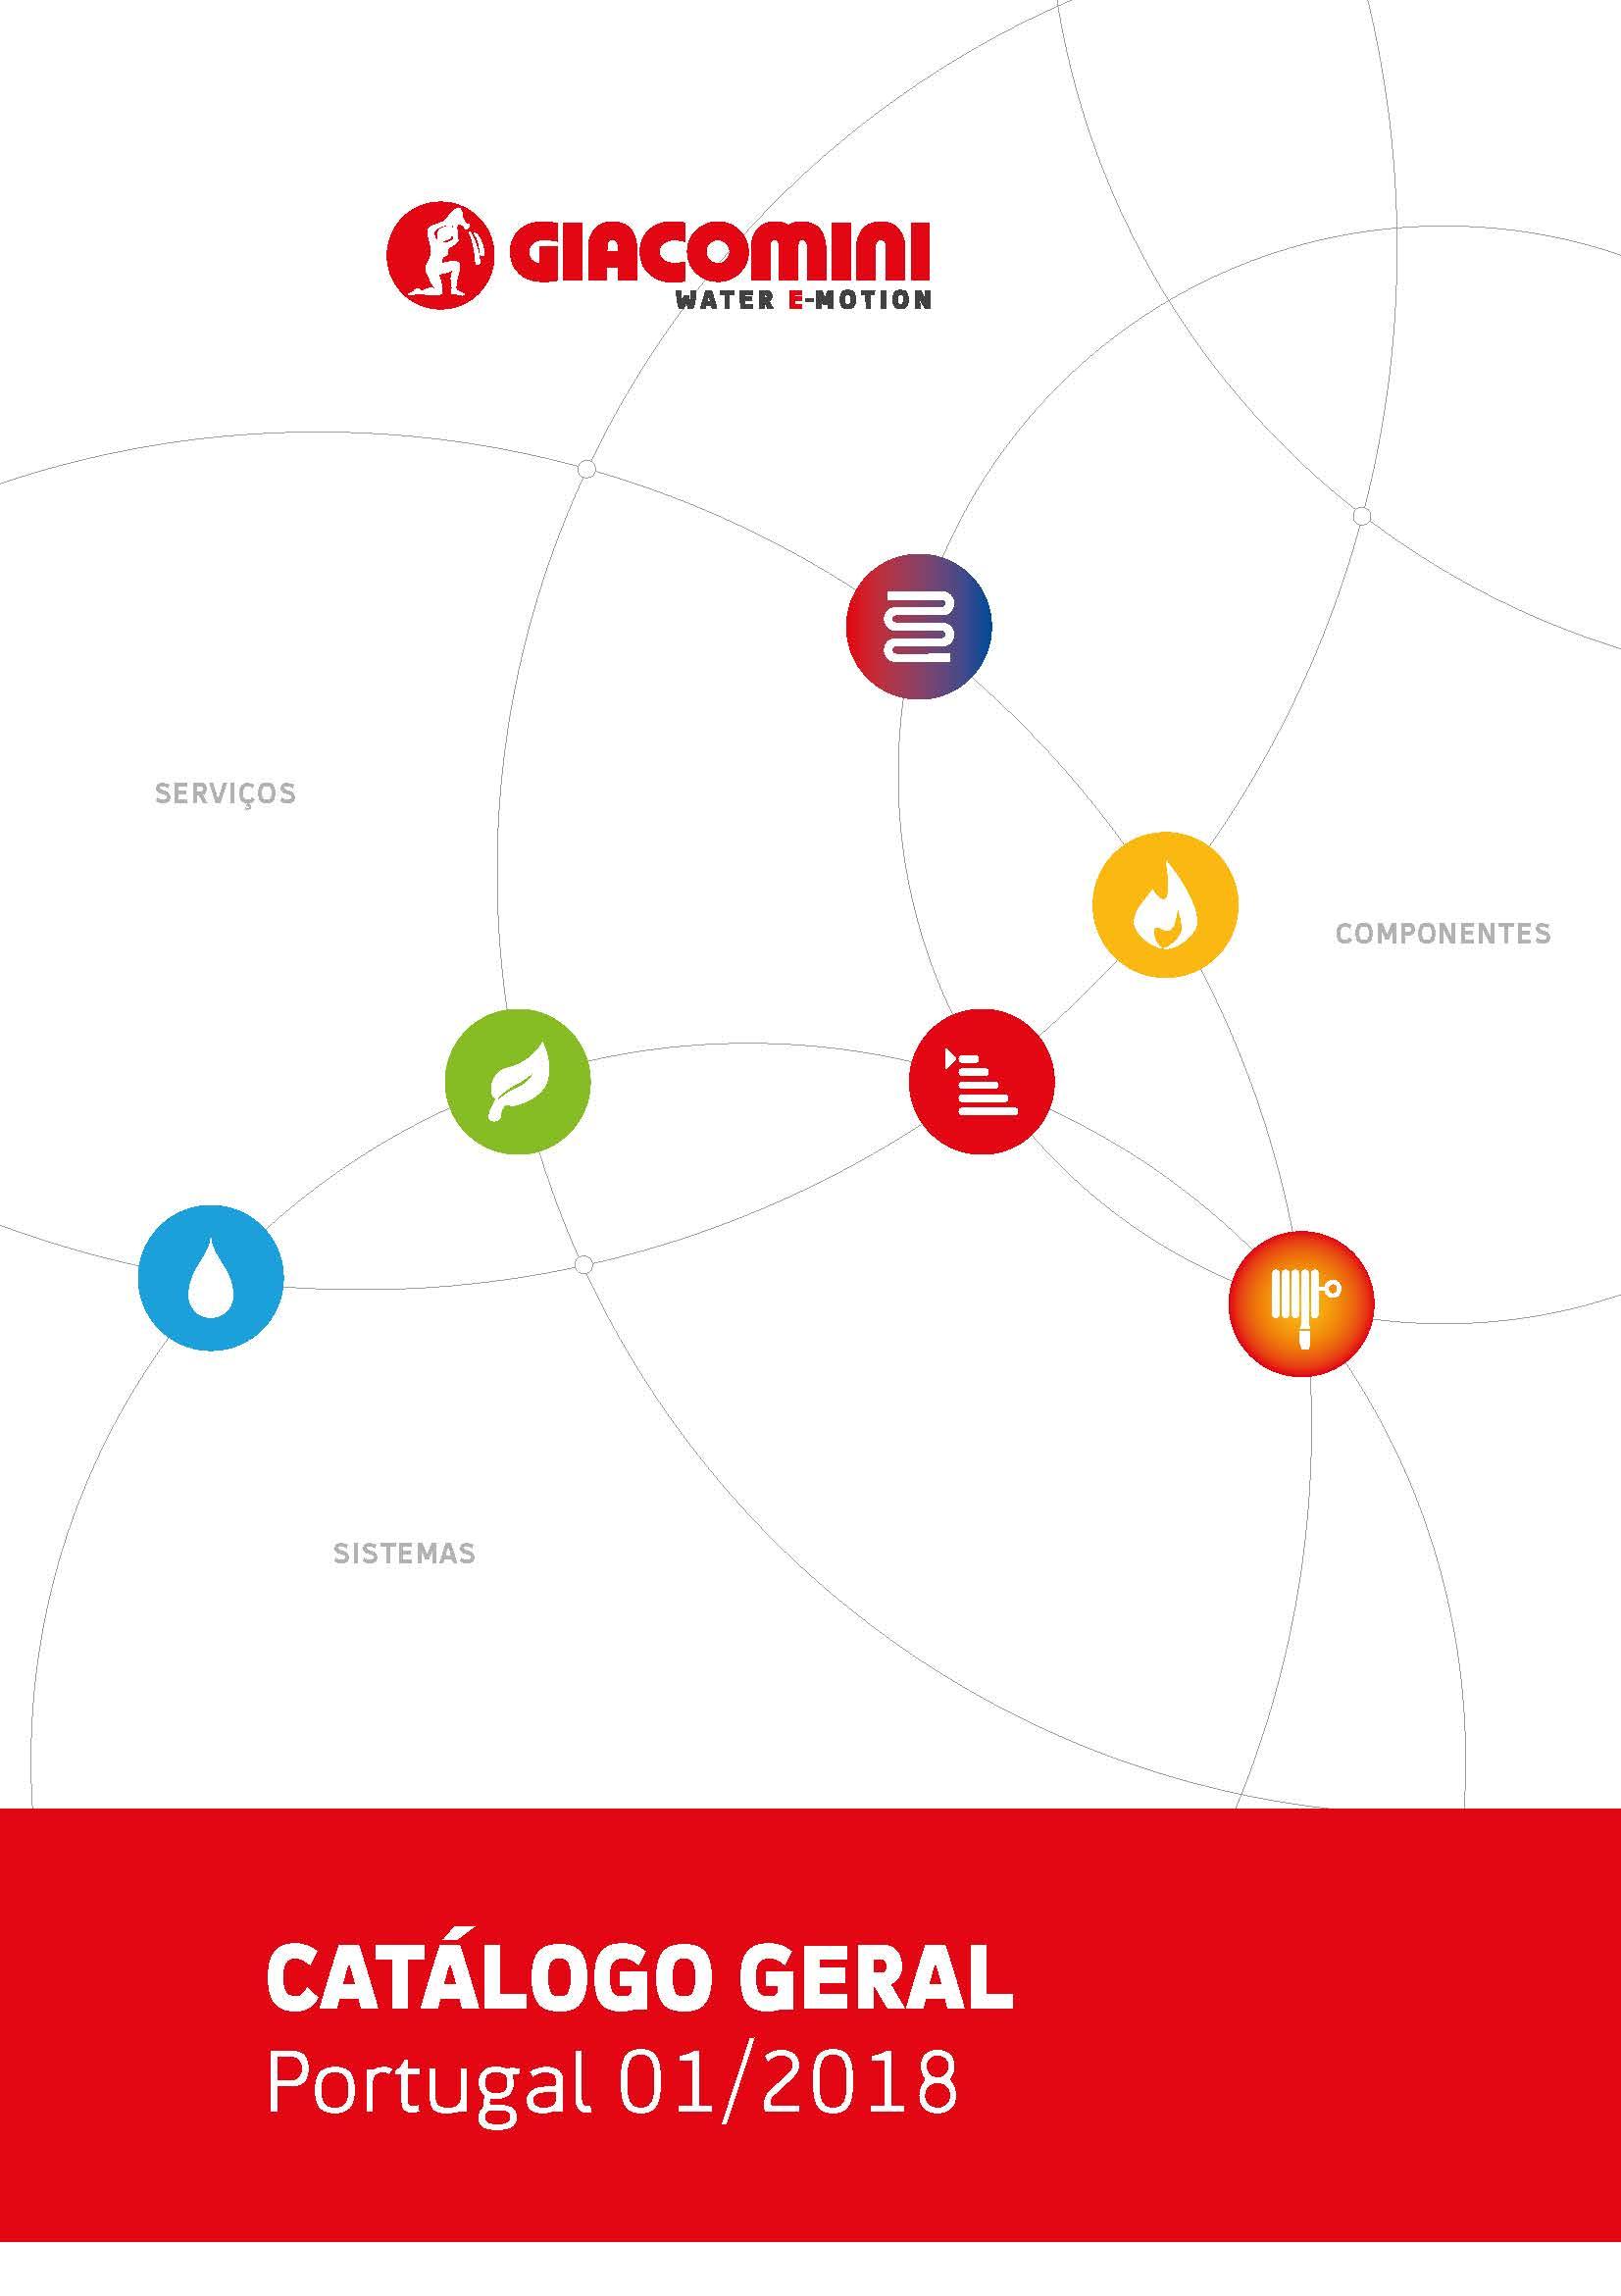 Catálogo Geral Portugal 2015-2016